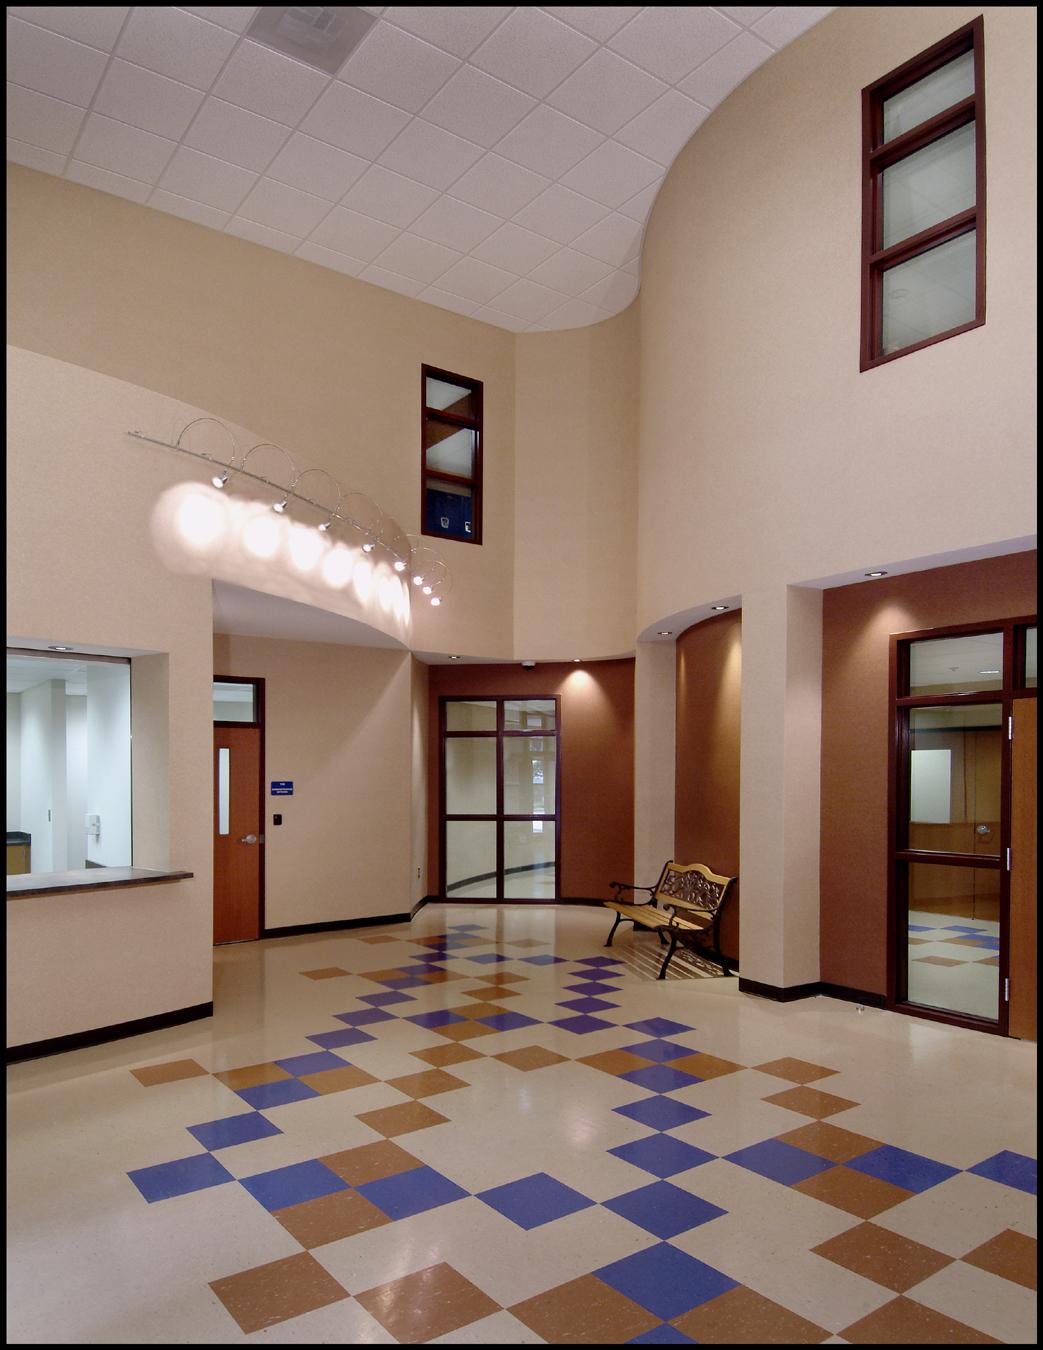 Davis Academy Middle - Lobby.jpg